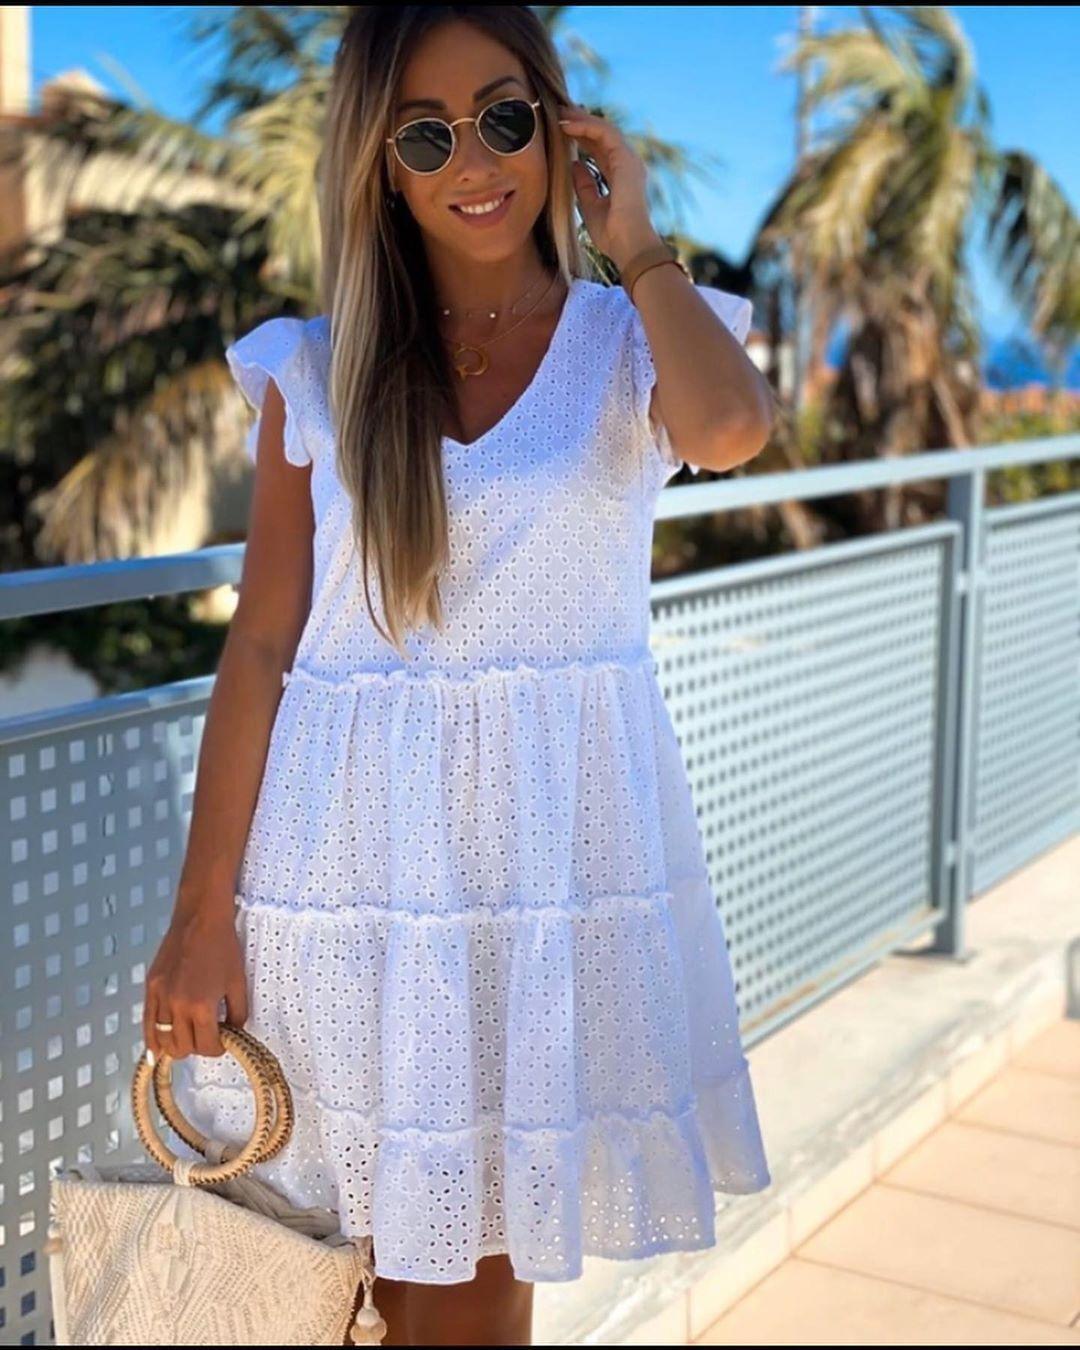 stylish_woman_clothing